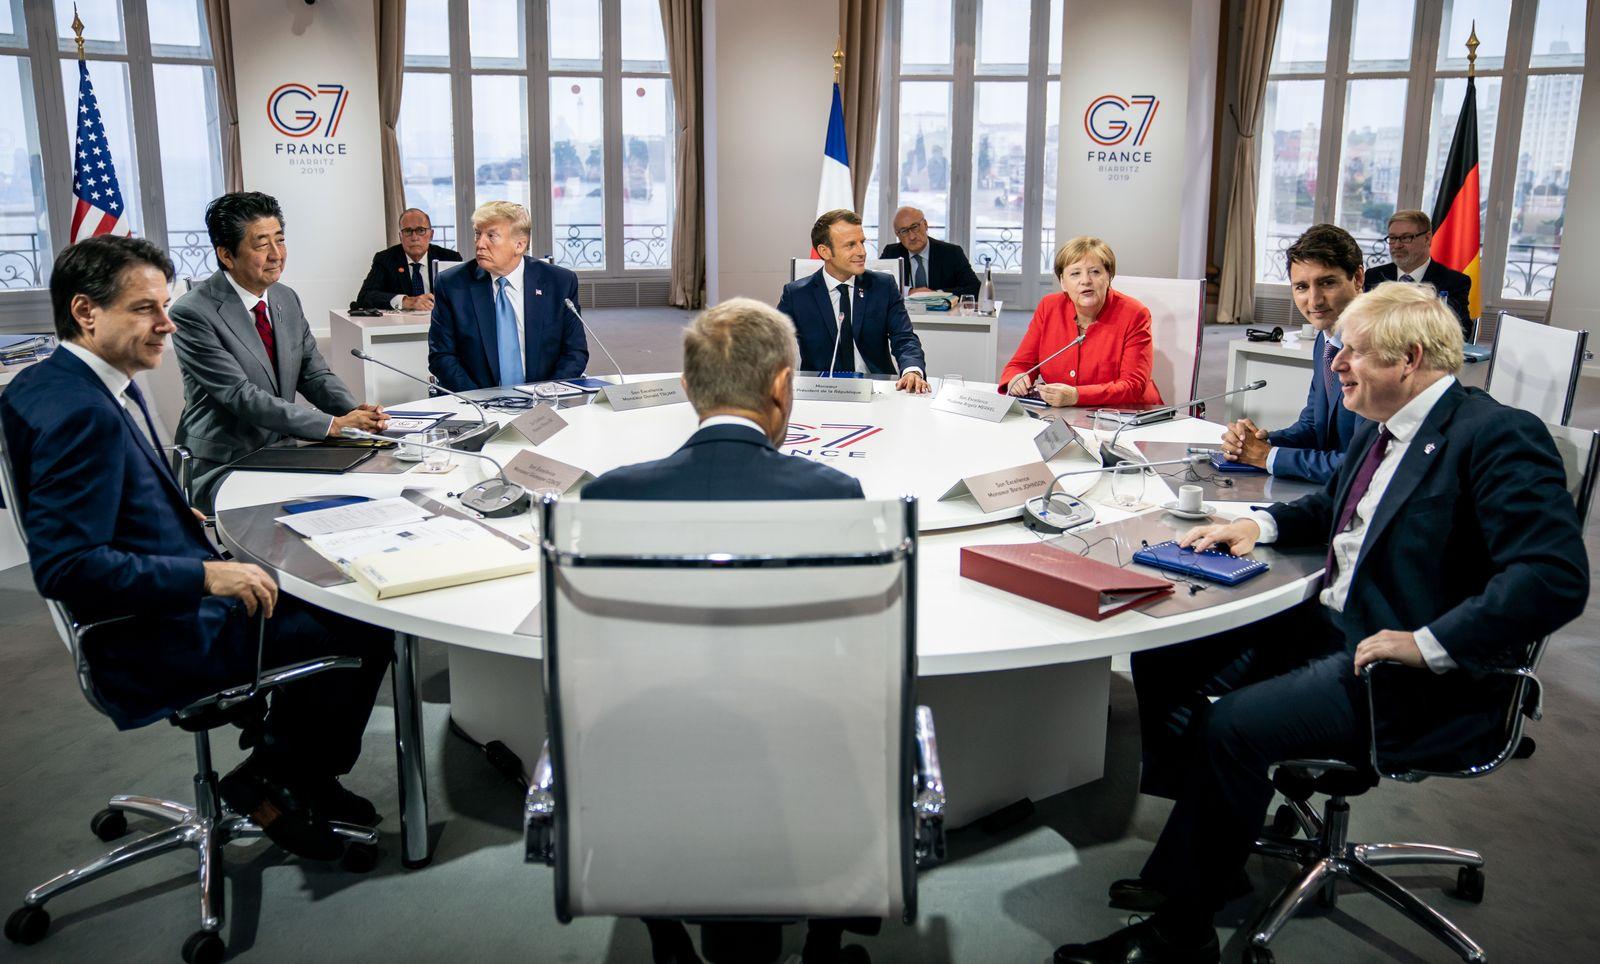 Plus 52/ G7-Gipfel in Frankreich